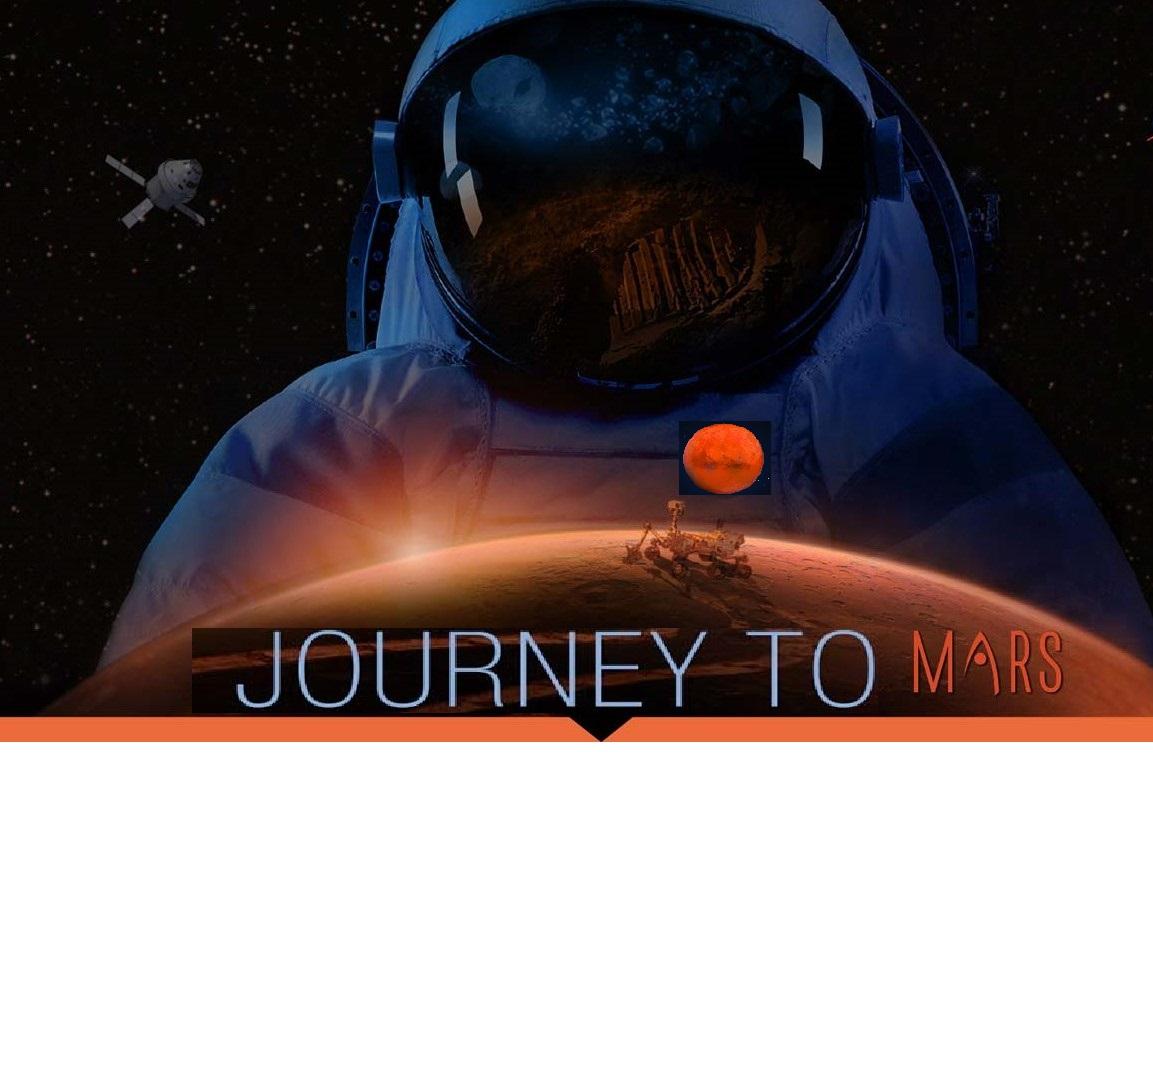 JourneyToMars-Passport - Nayana Shukla